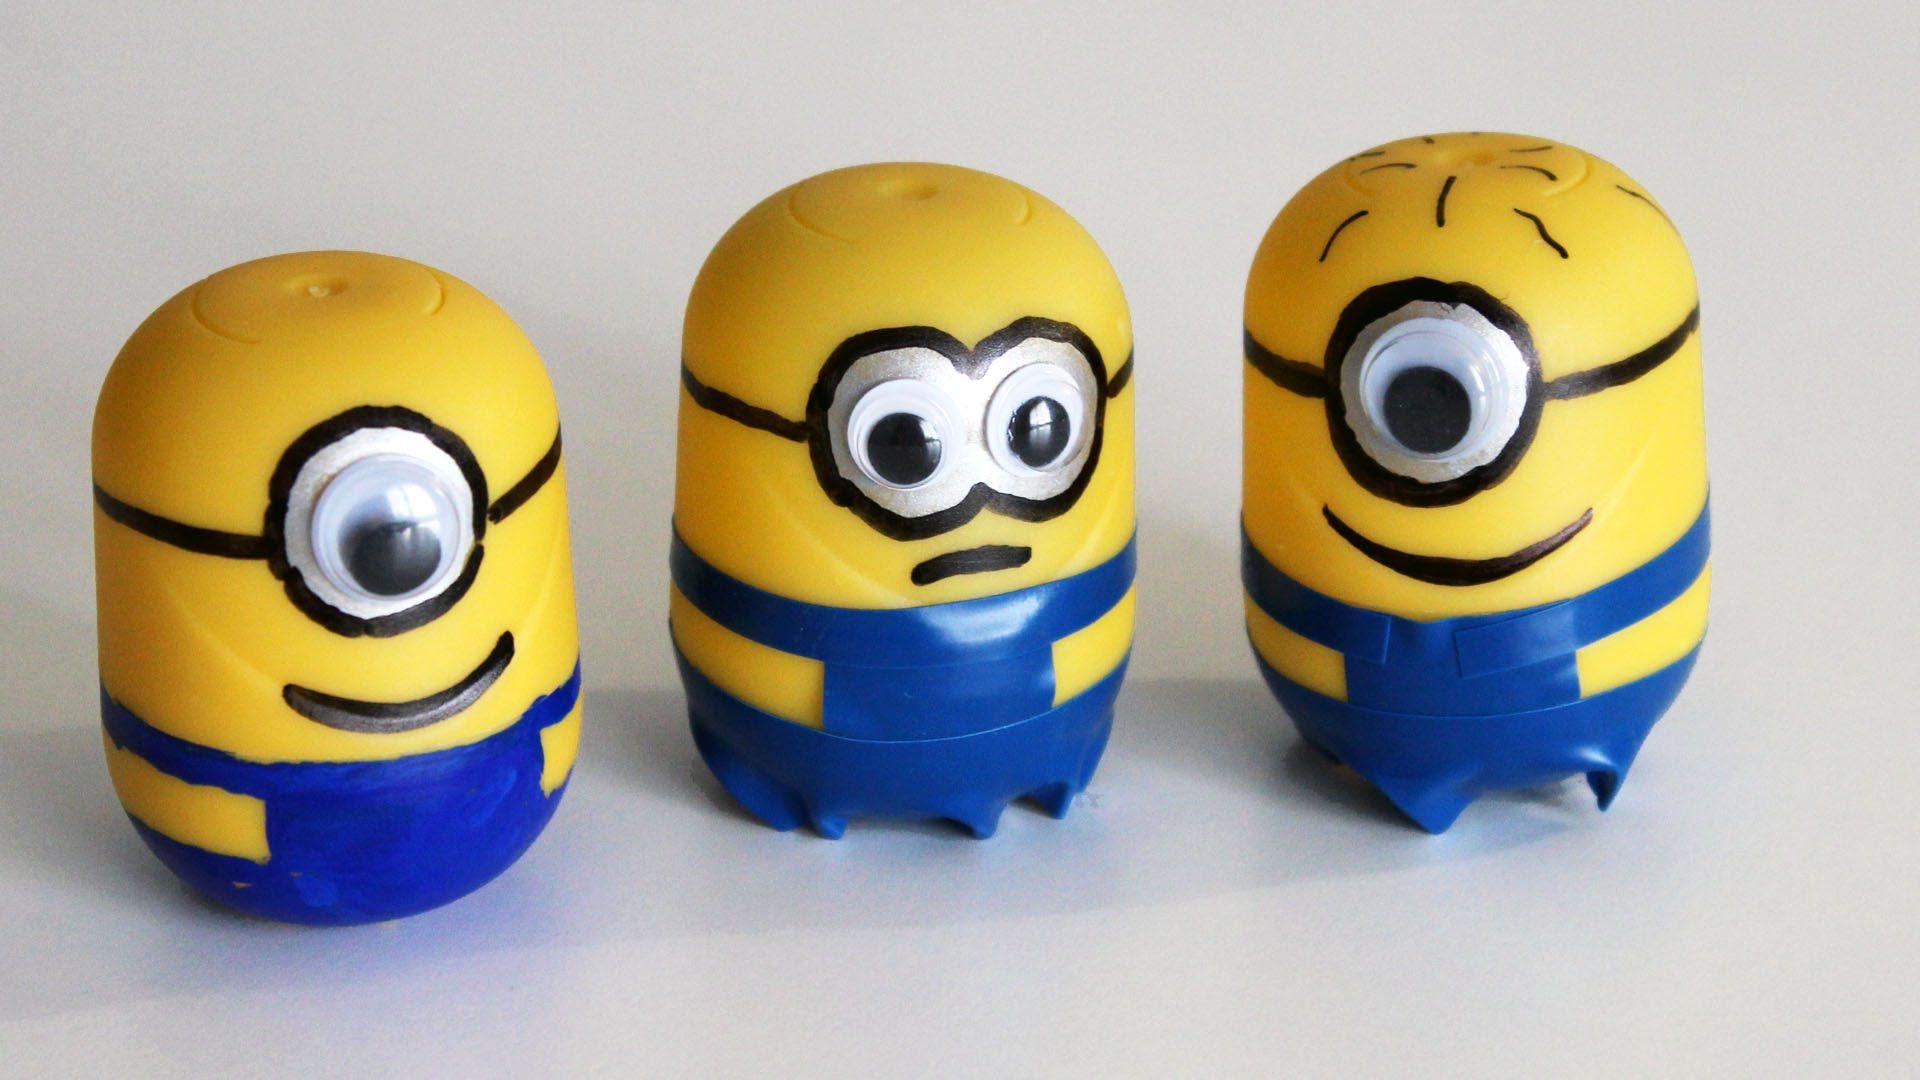 Nie wieder Langeweile! 5 geniale DIY-Ideen für Kinder | Craft